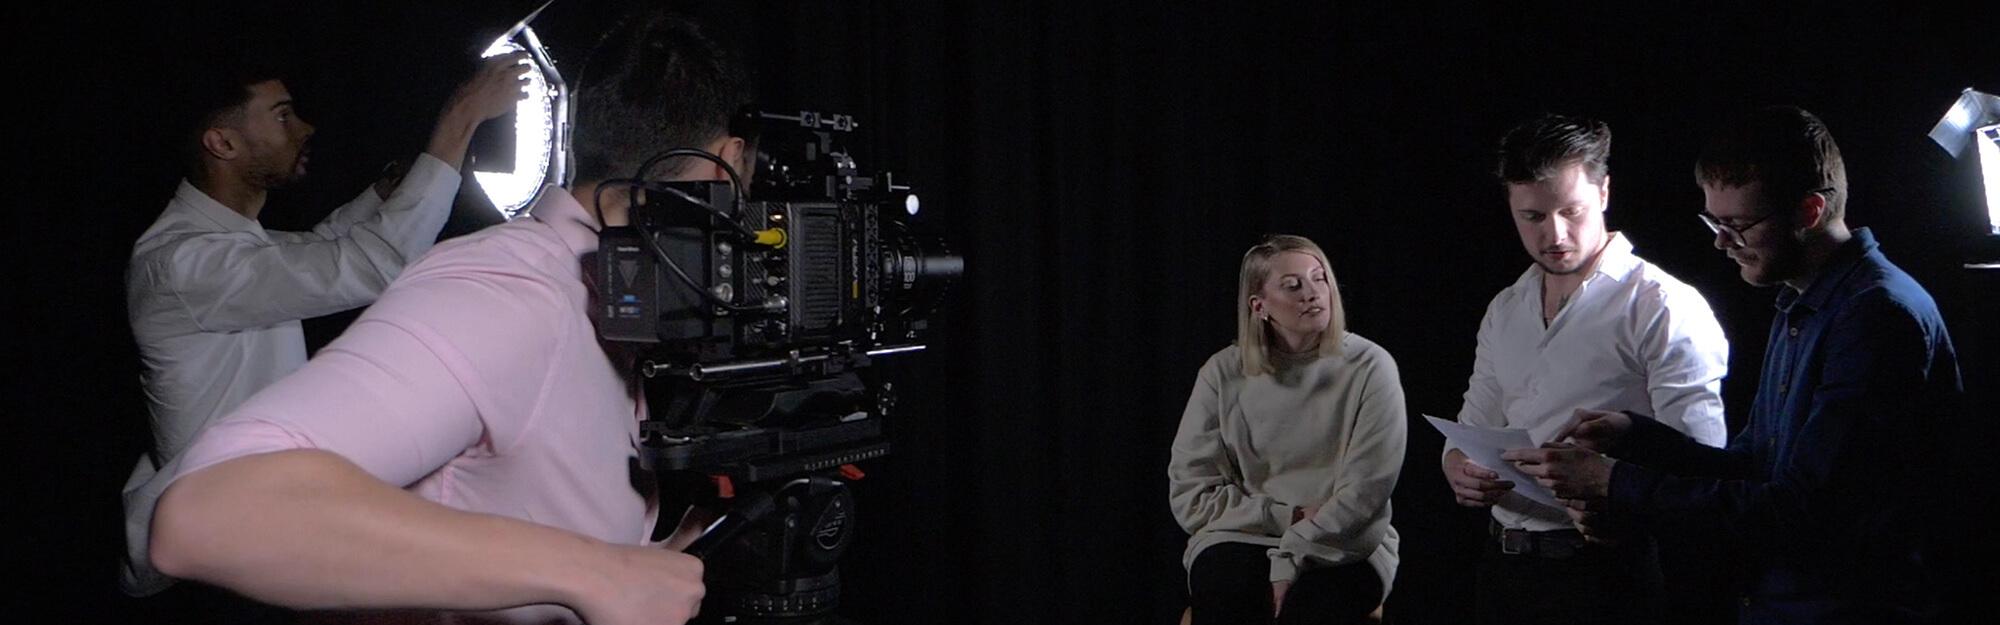 The Goldbox filming a presenter in a studio